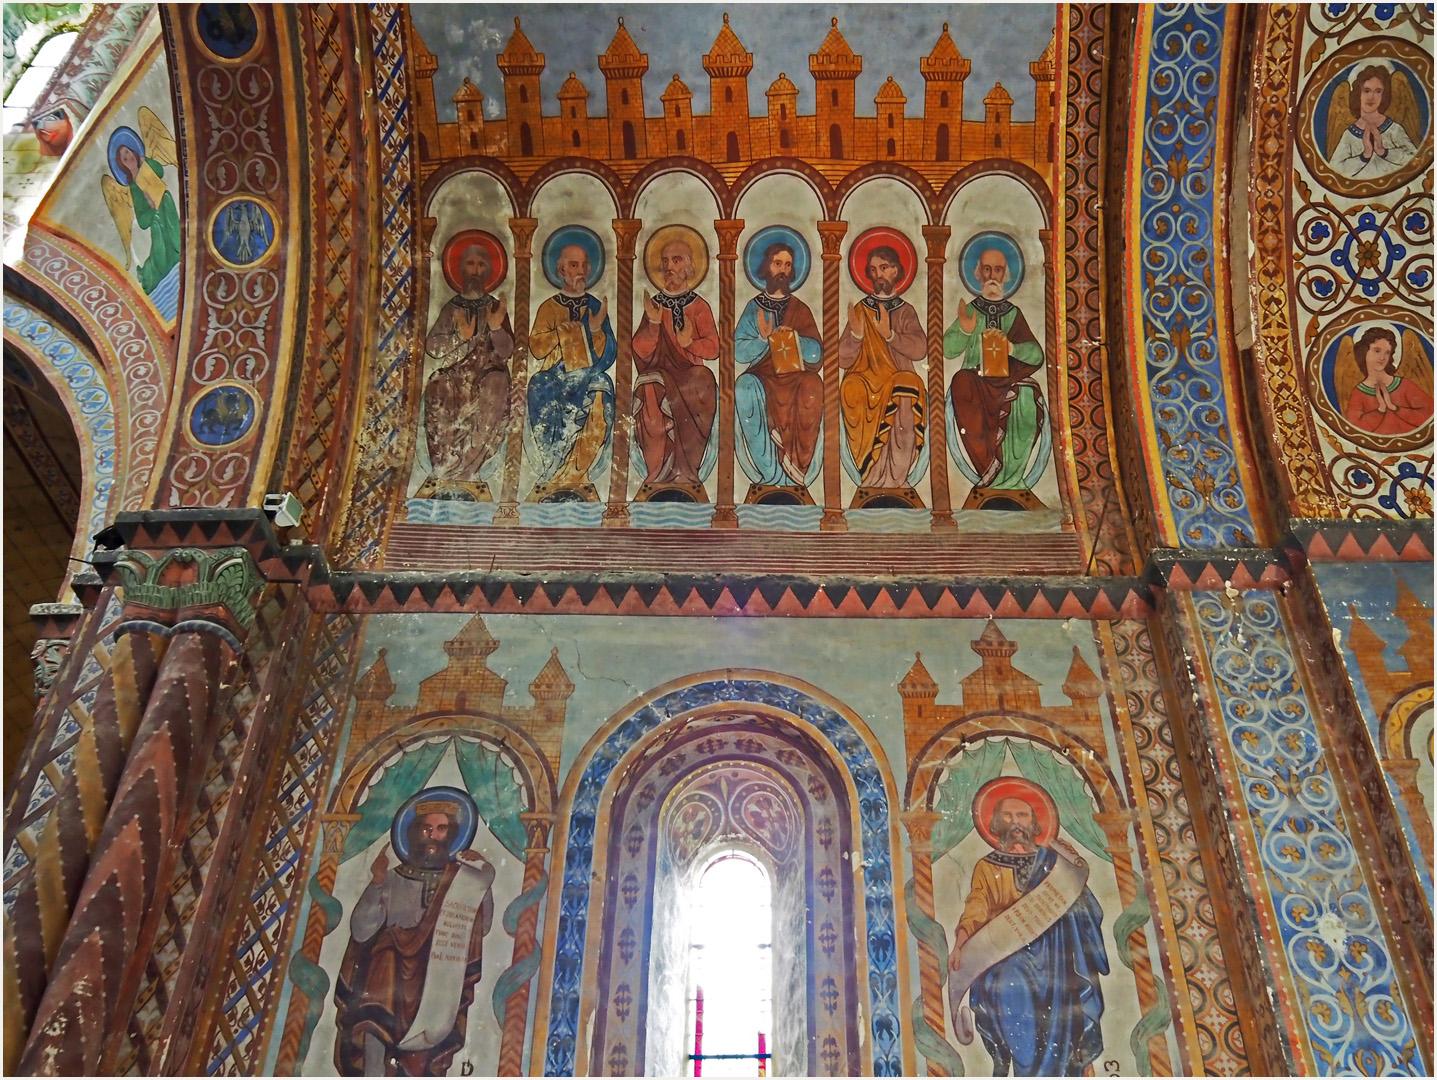 Peintures du plafond du choeur de l'Eglise Saint-Nicolas de Civray